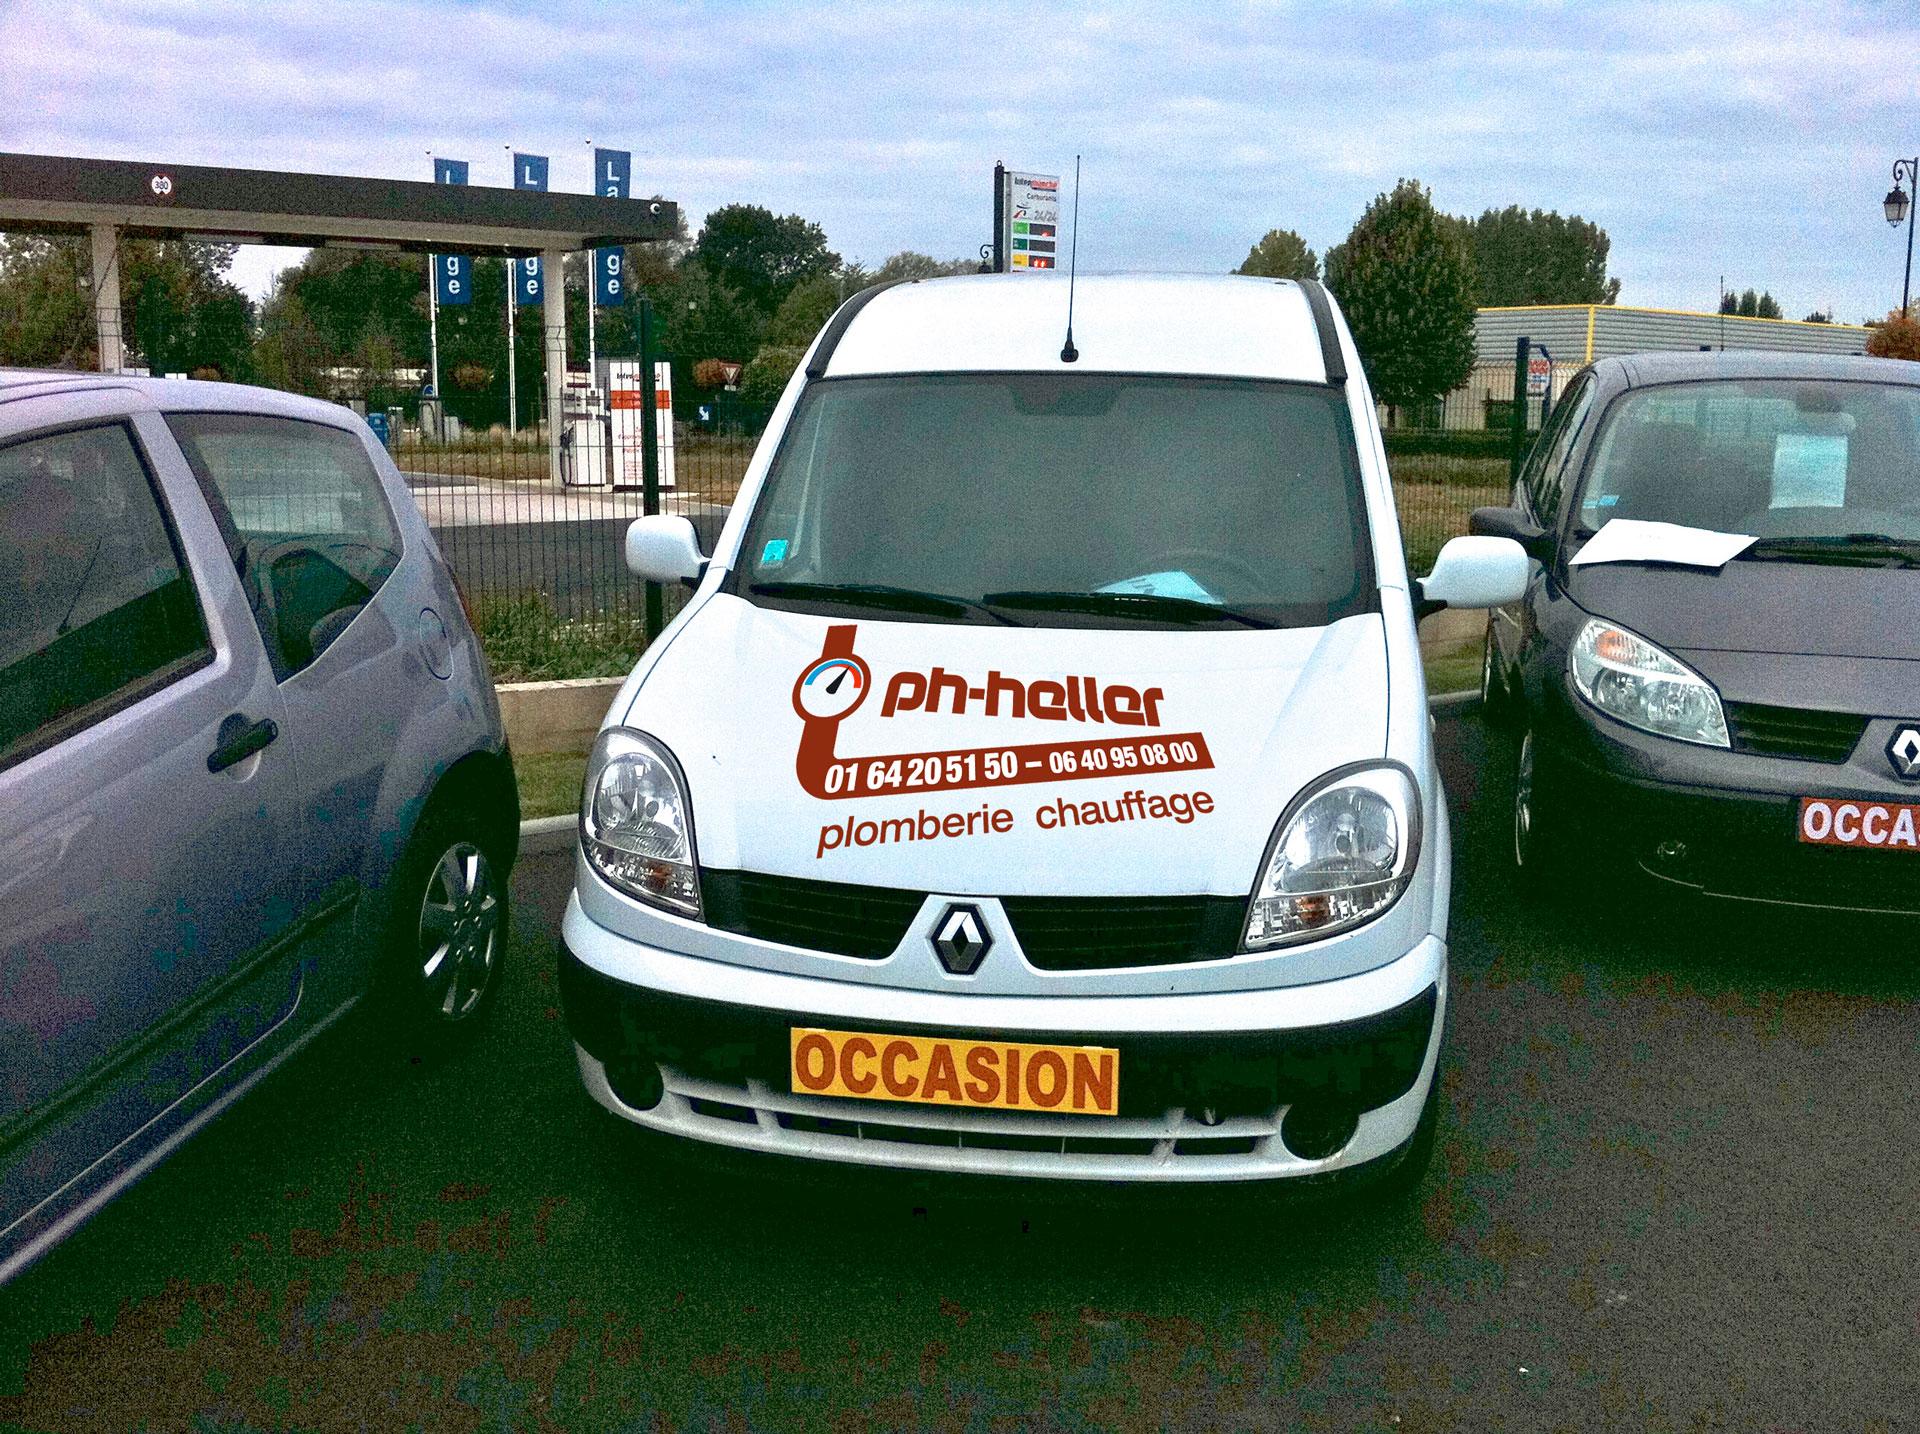 Marquage véhicule utilitaire de la société Ph-Heller face avant